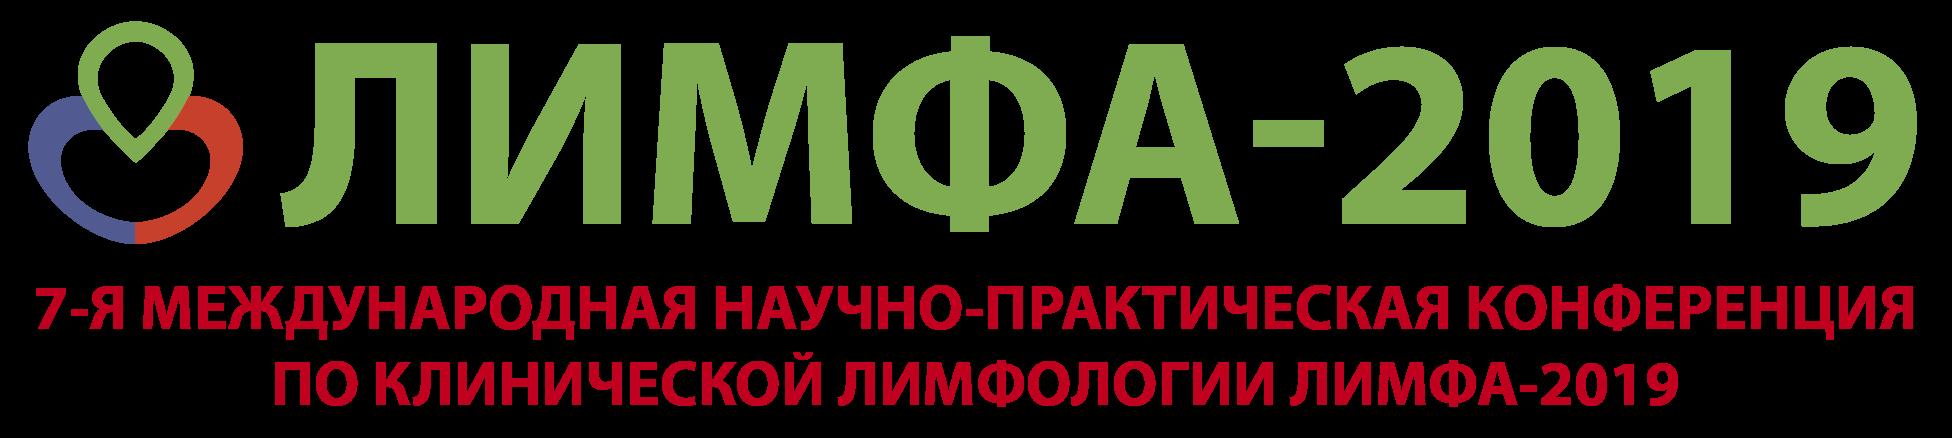 ЛИМФА-2018